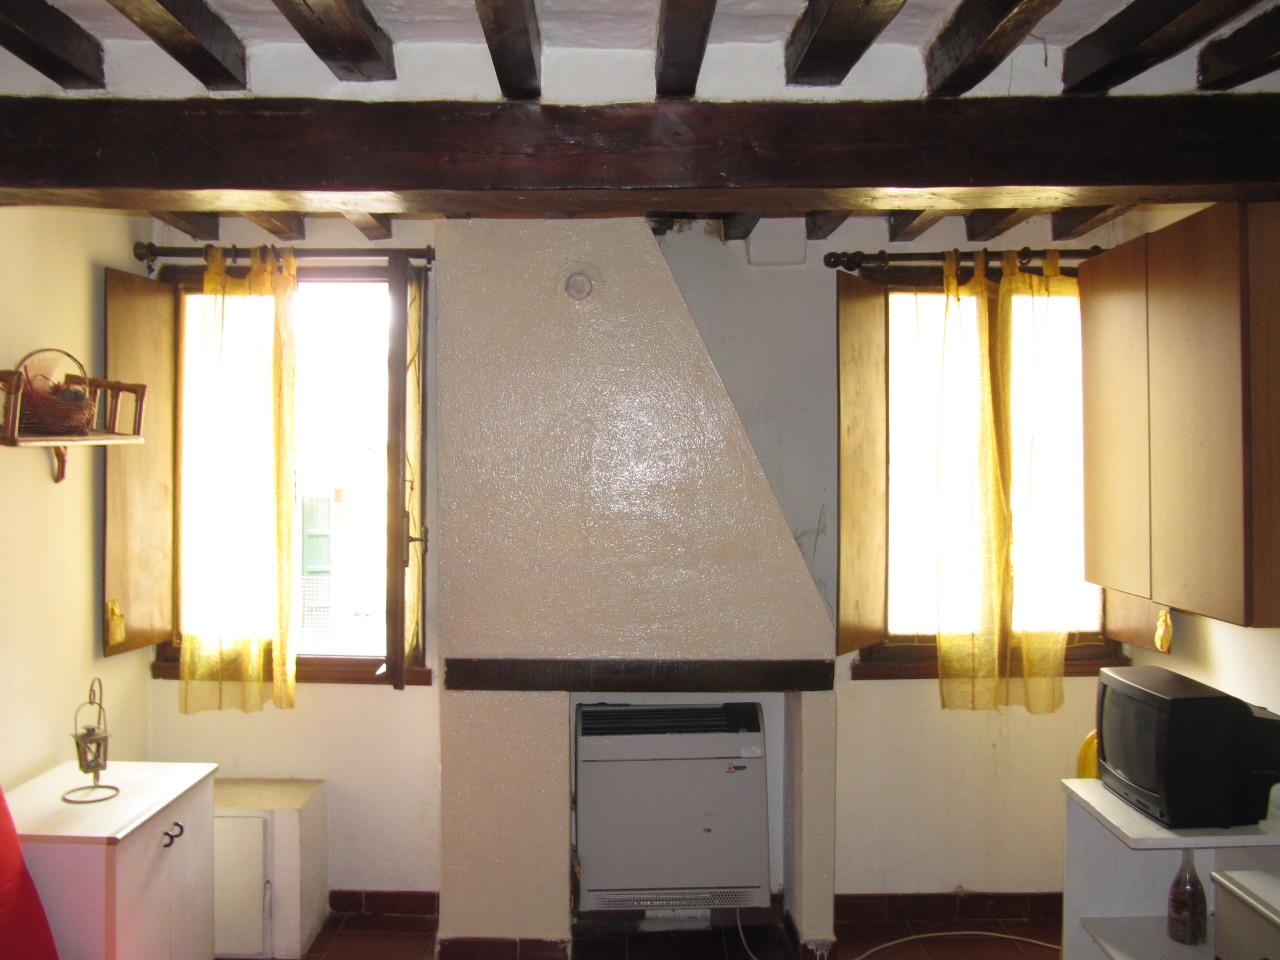 Appartamento in vendita a Parma, 1 locali, prezzo € 53.000 | Cambio Casa.it